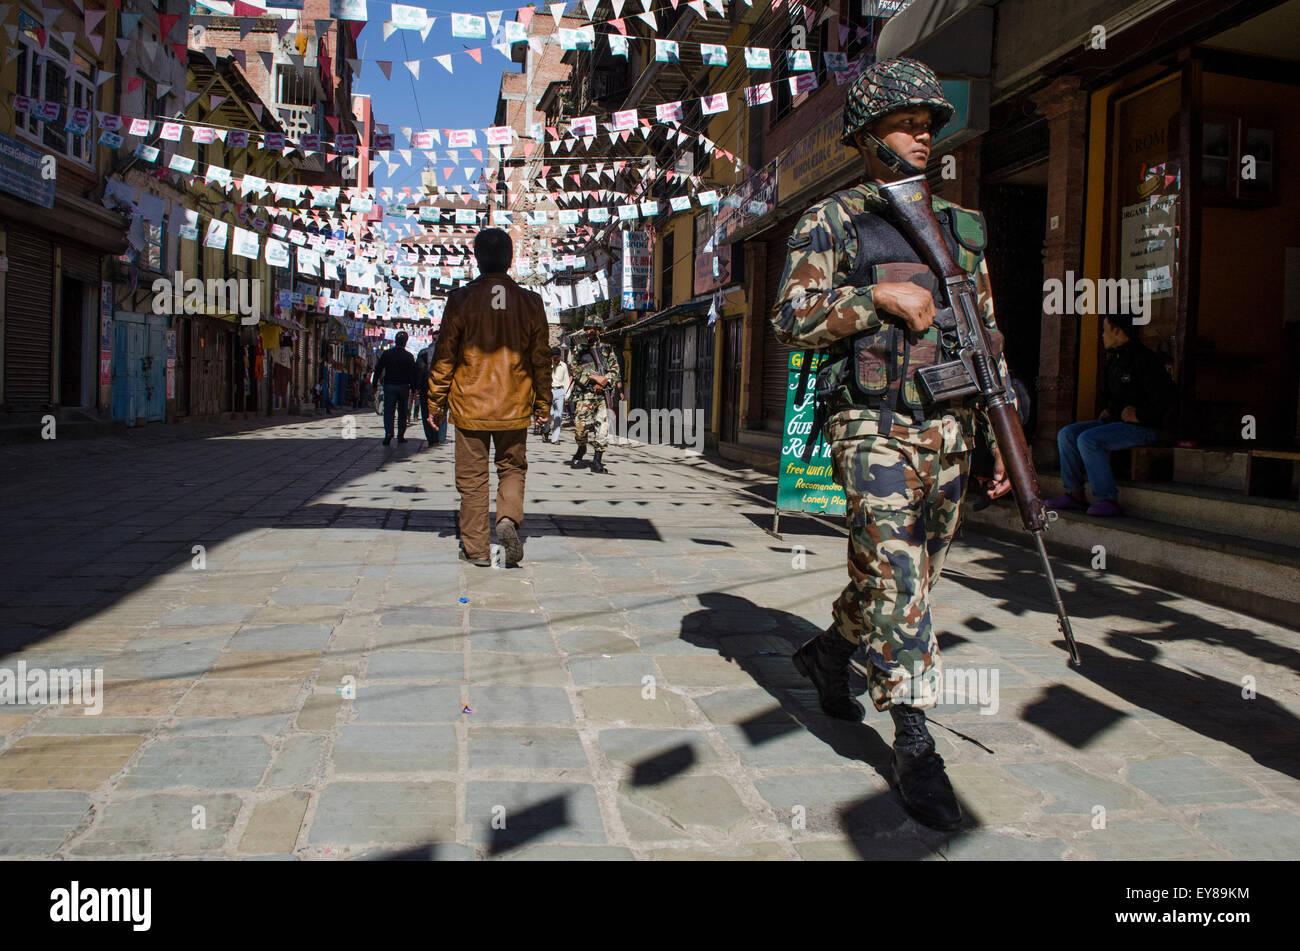 Esercito nepalese pattugliano la strada durante uno sciopero generale o banda Immagini Stock